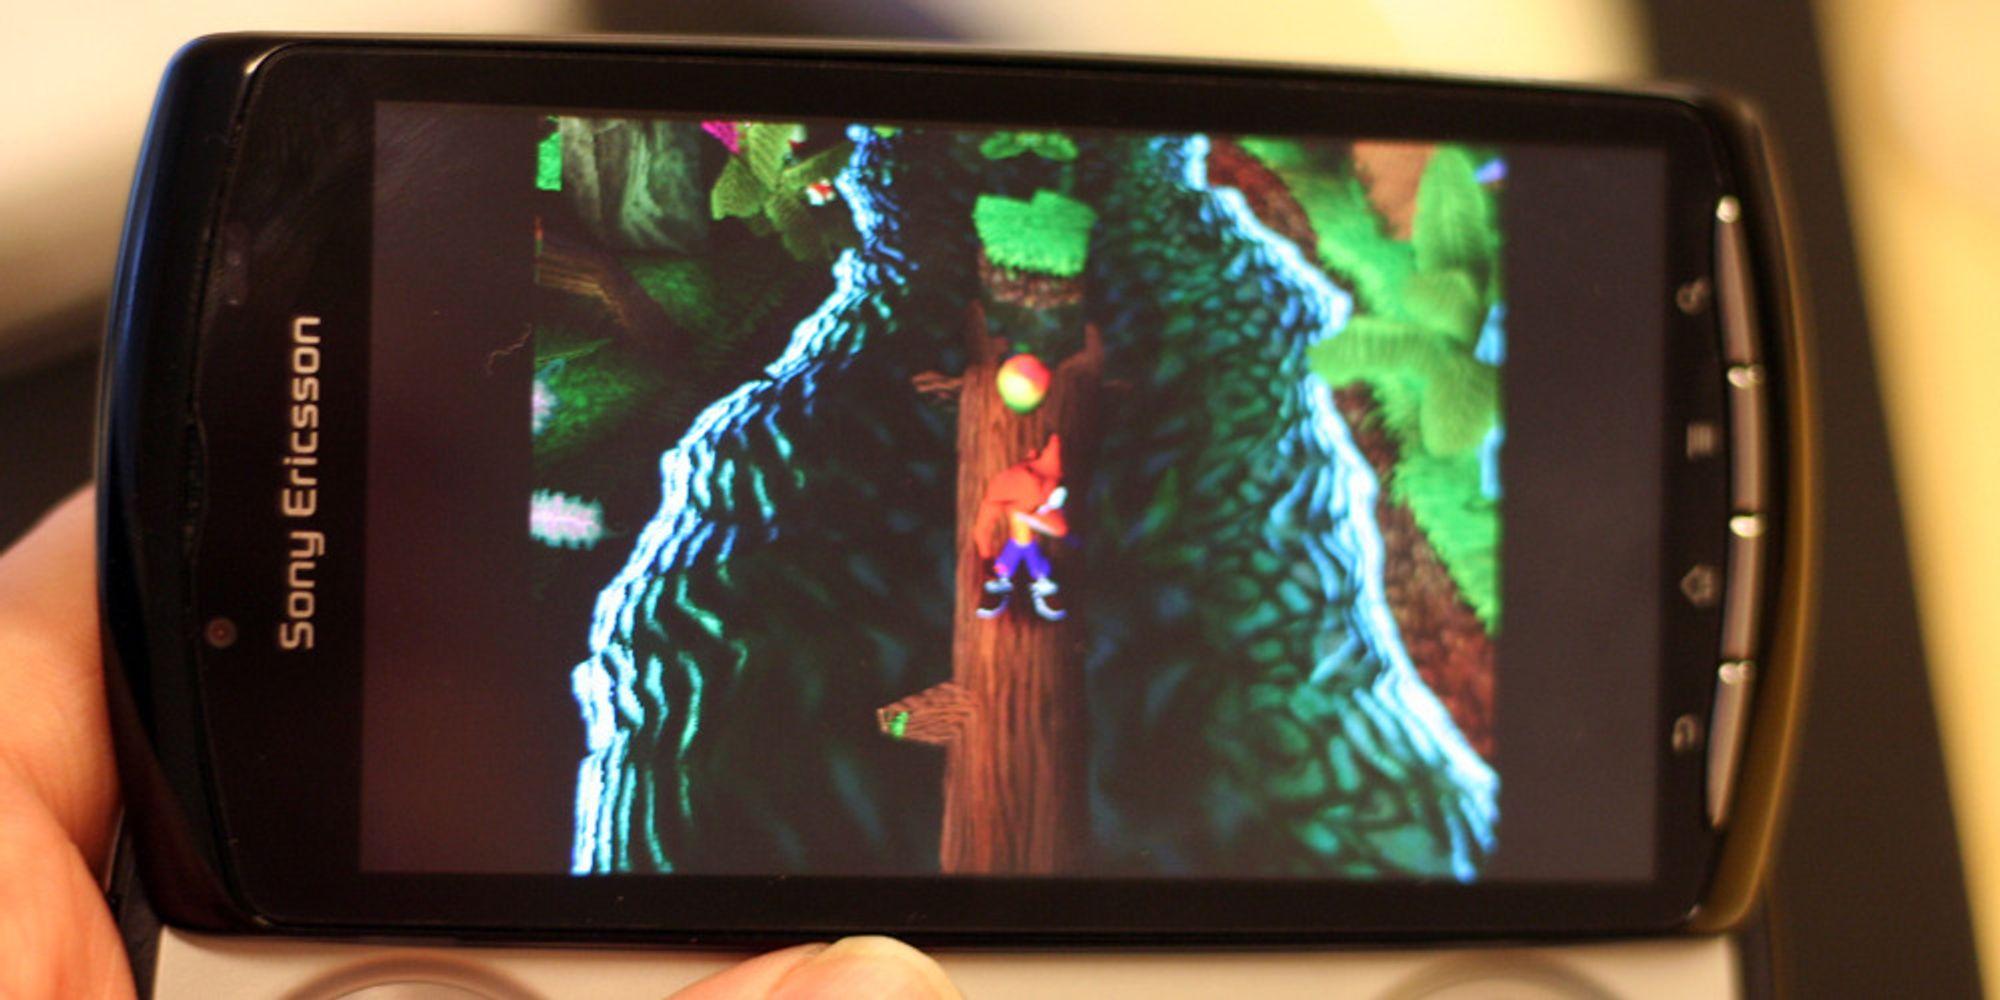 Førsteinntrykk: Sony Ericsson Xperia Play